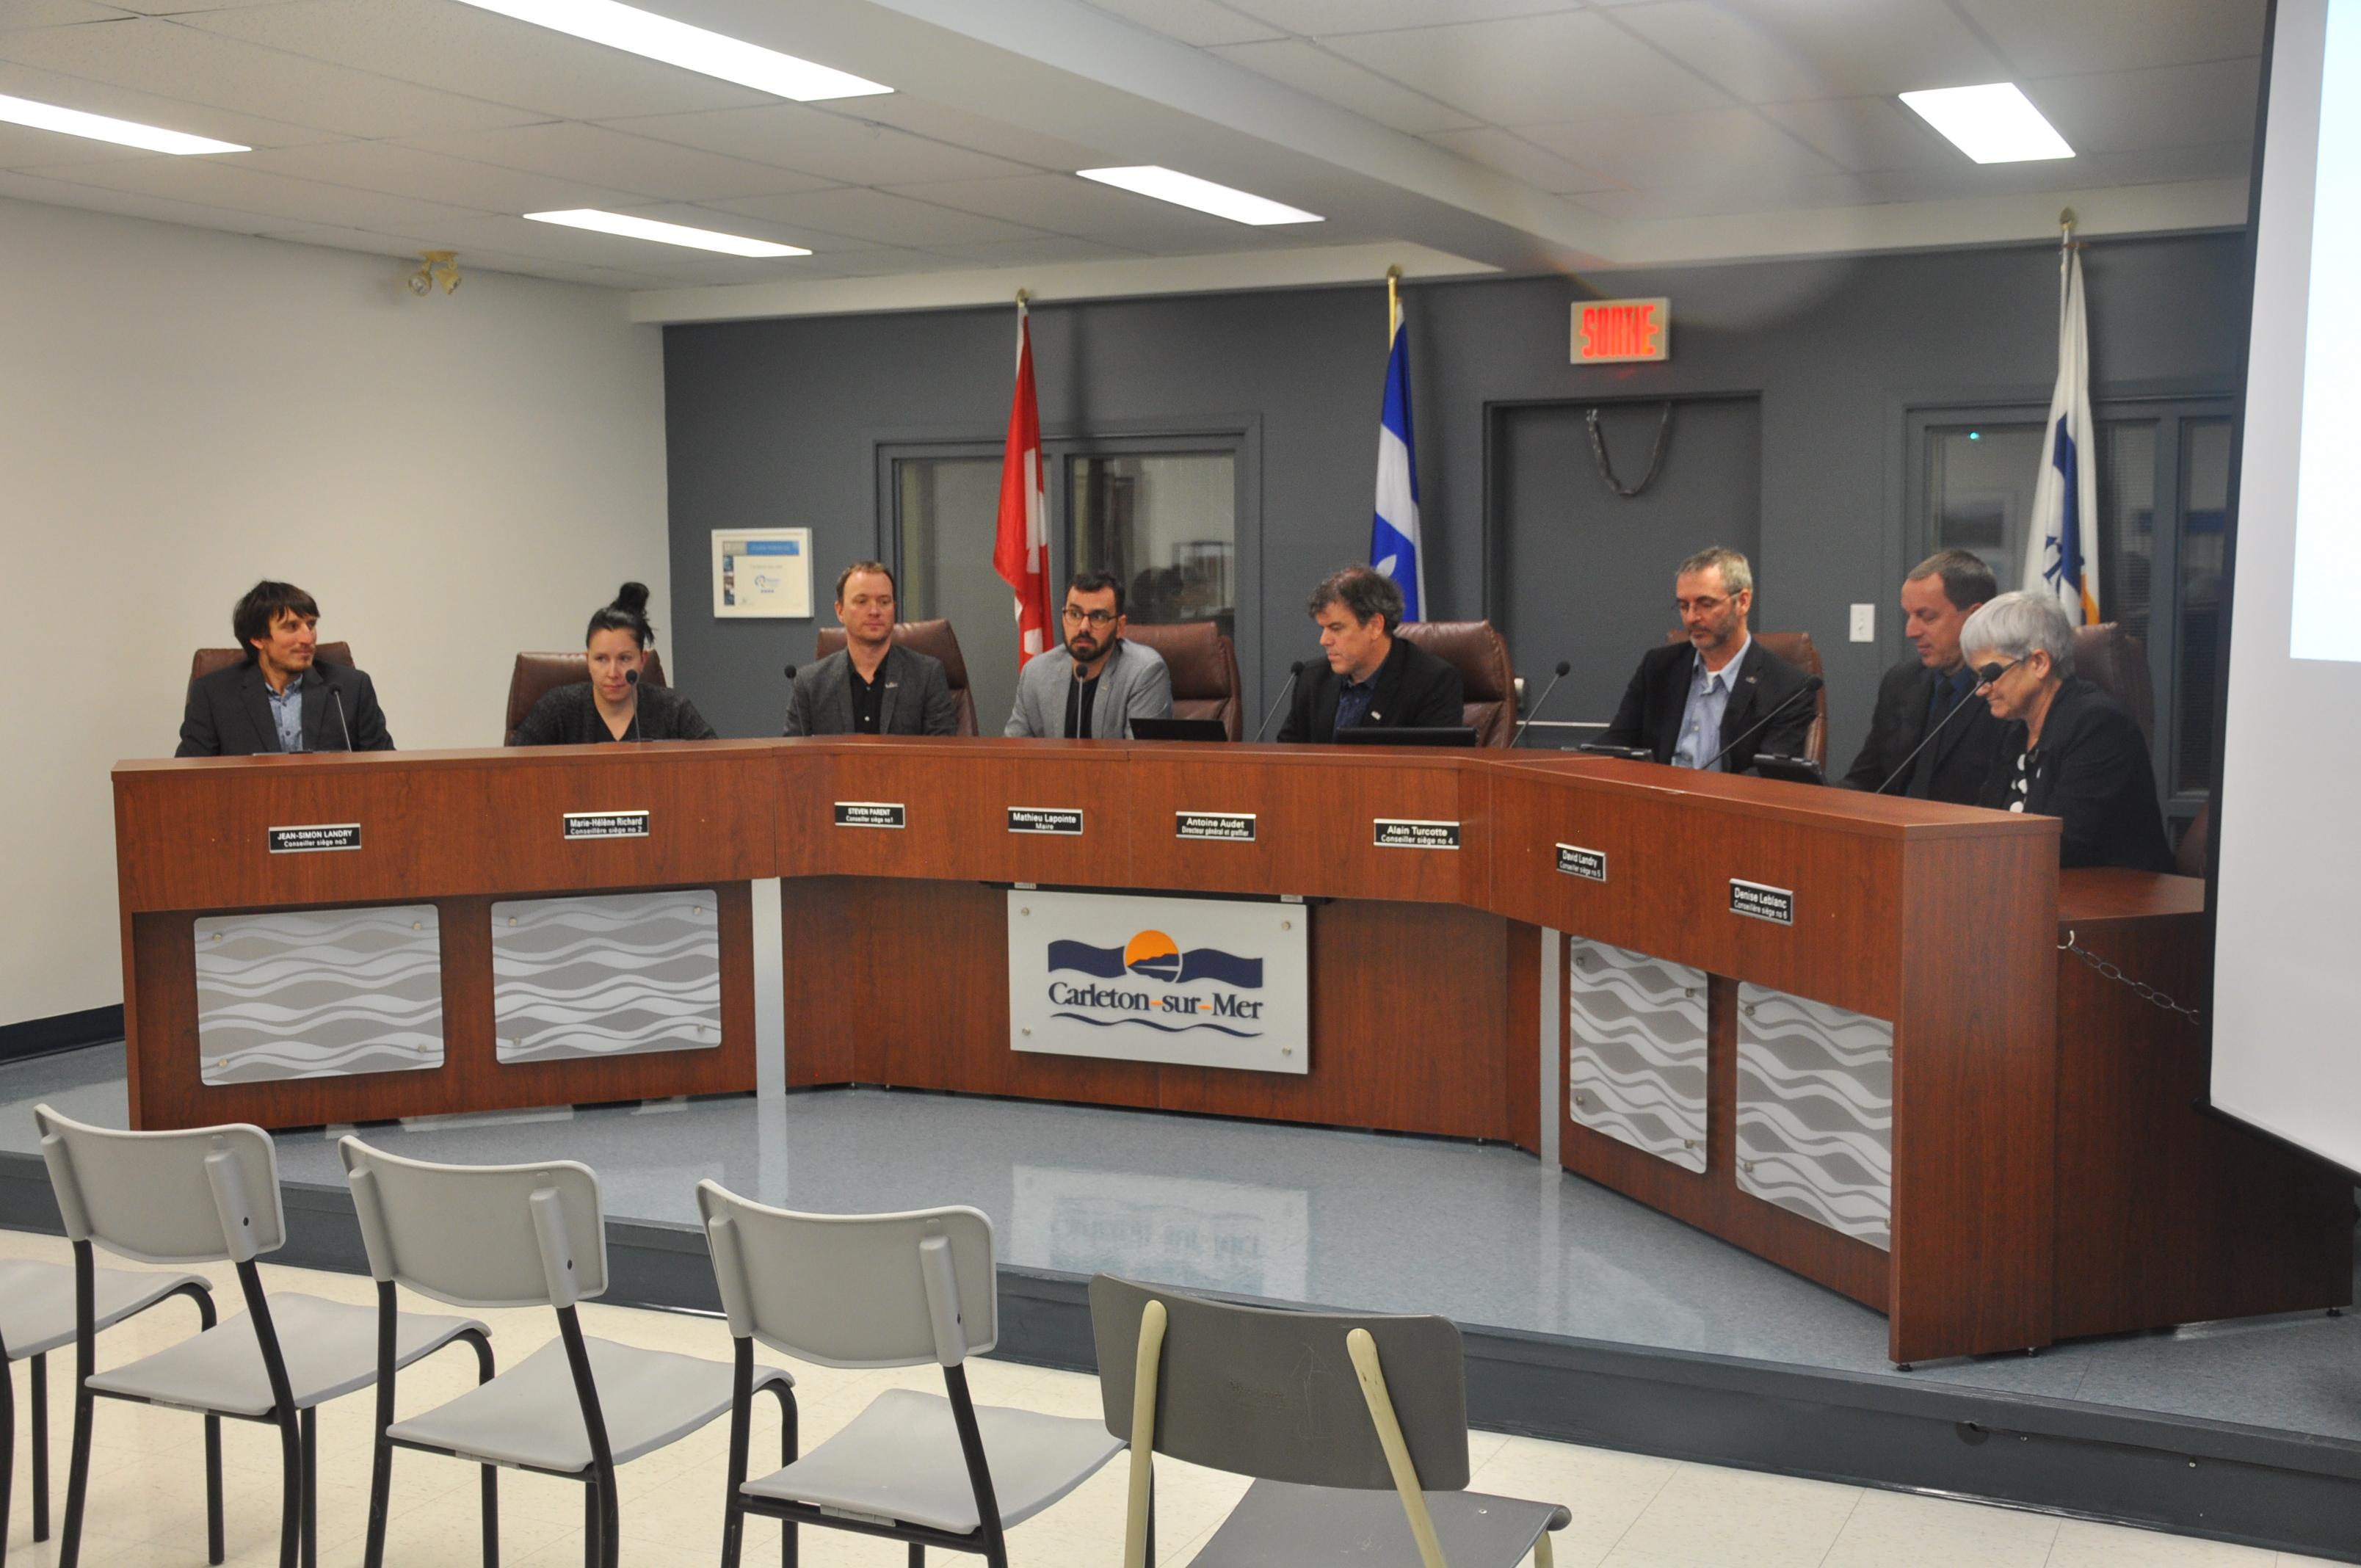 conseil municipal Carleton-sur-Mer